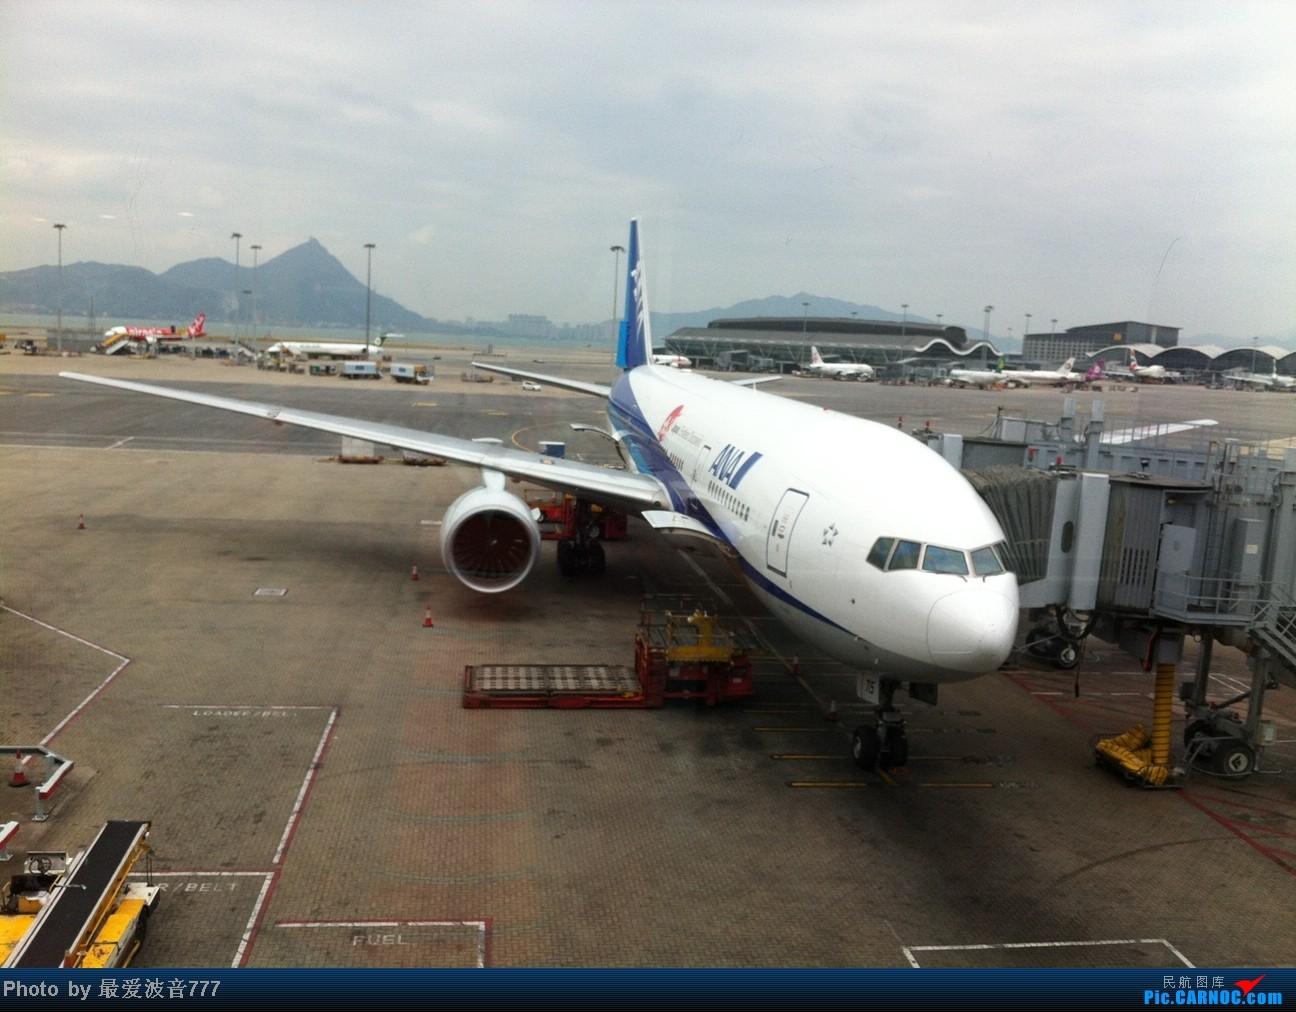 Re:[原创]假期的回国往返之旅 LHR-HKG-CTU-HKG-LHR, CX+CA+KA联合运营 BOEING 777-200 JA715A HKG